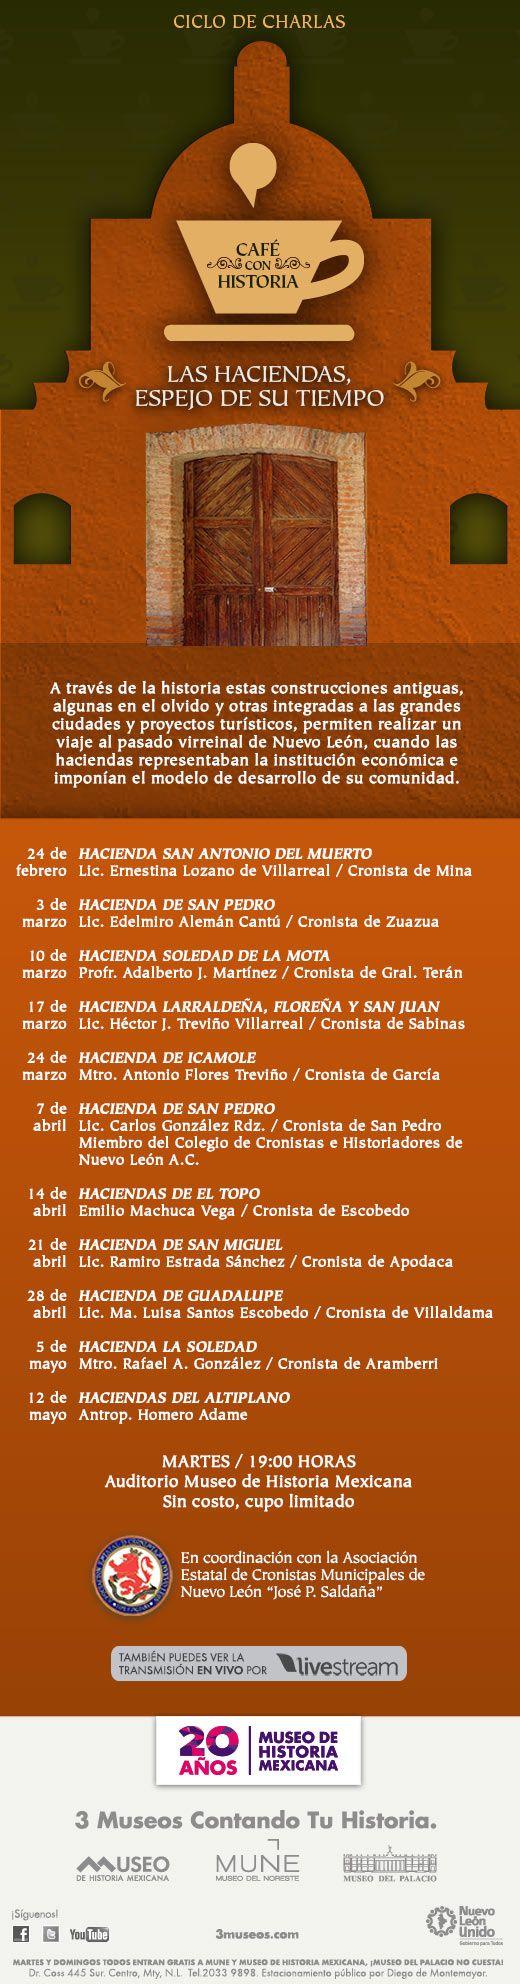 A través de la historia estas construcciones antiguas, algunas en el olvido y otras integradas a las grandes ciudades y proyectos turísticos, permiten realizar un viaje al pasado virreinal de Nuevo León.  24 de Febrero, 03 de Marzo, 10 de Marzo, 17 de Marzo, 24 de Marzo, 07 de Abril, 14 de Abril, 21 de Abril, 28 de Abril, 05 de Mayo y 12 de Mayo.   Estas se darán lugar en el Auditorio Museo de Historia Mexicana los Martes a las 19hrs.